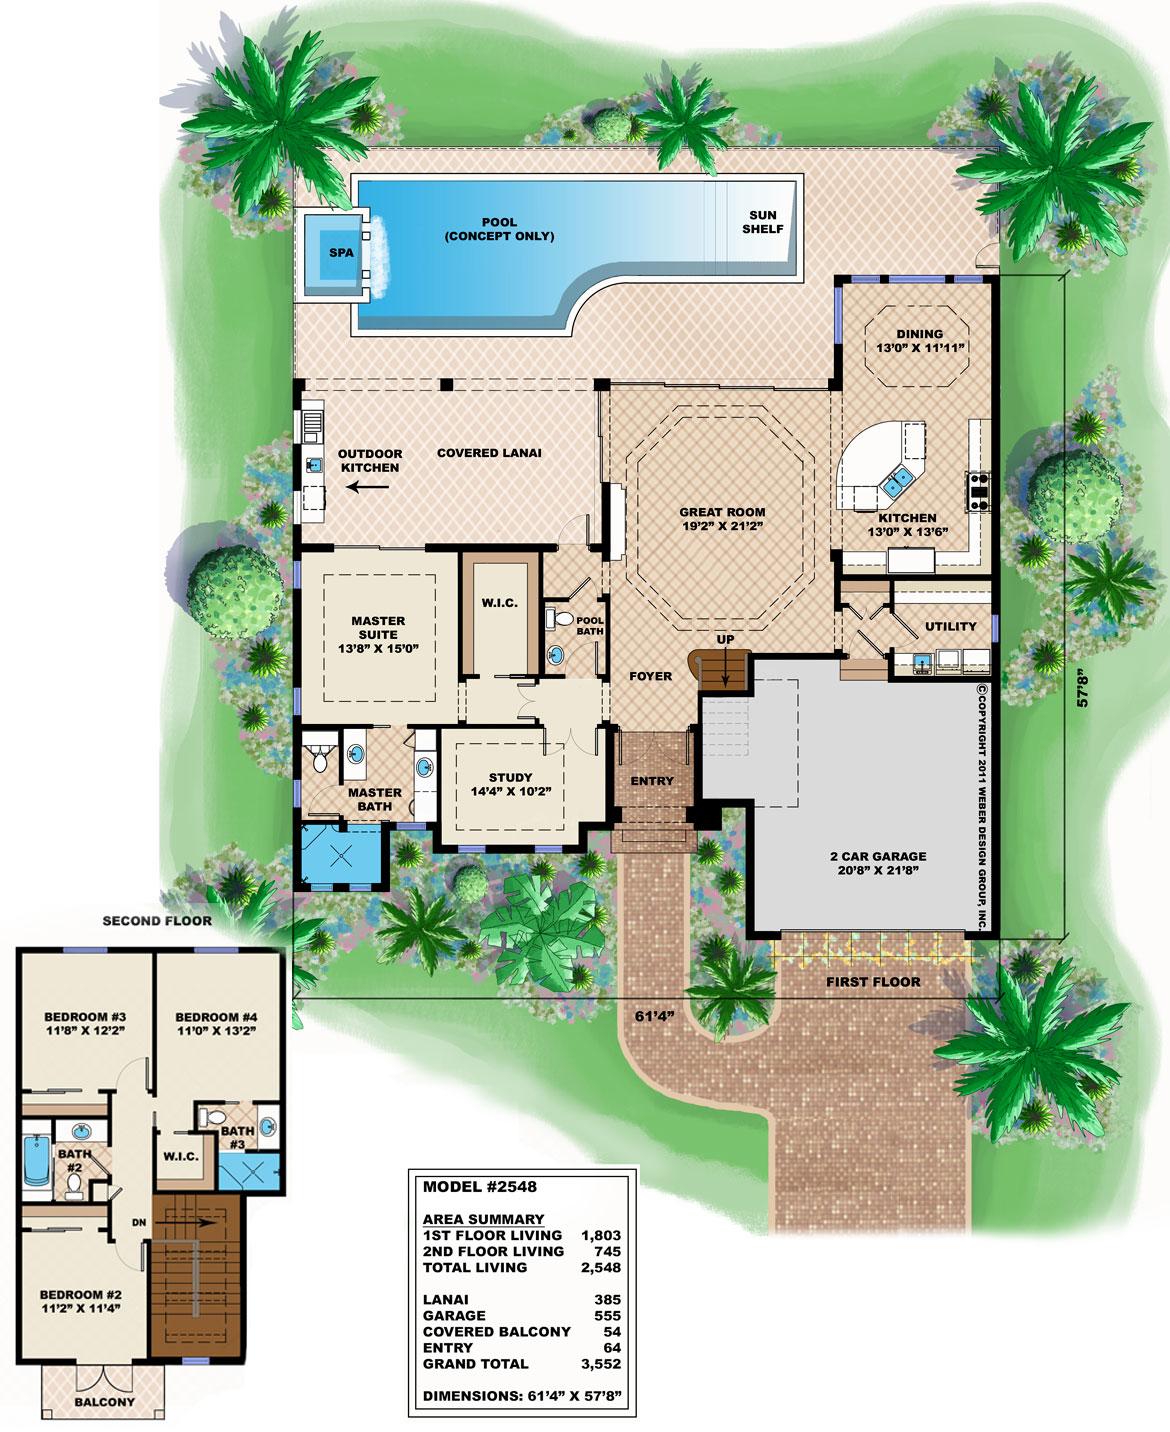 Model 2548 - Floor Plan